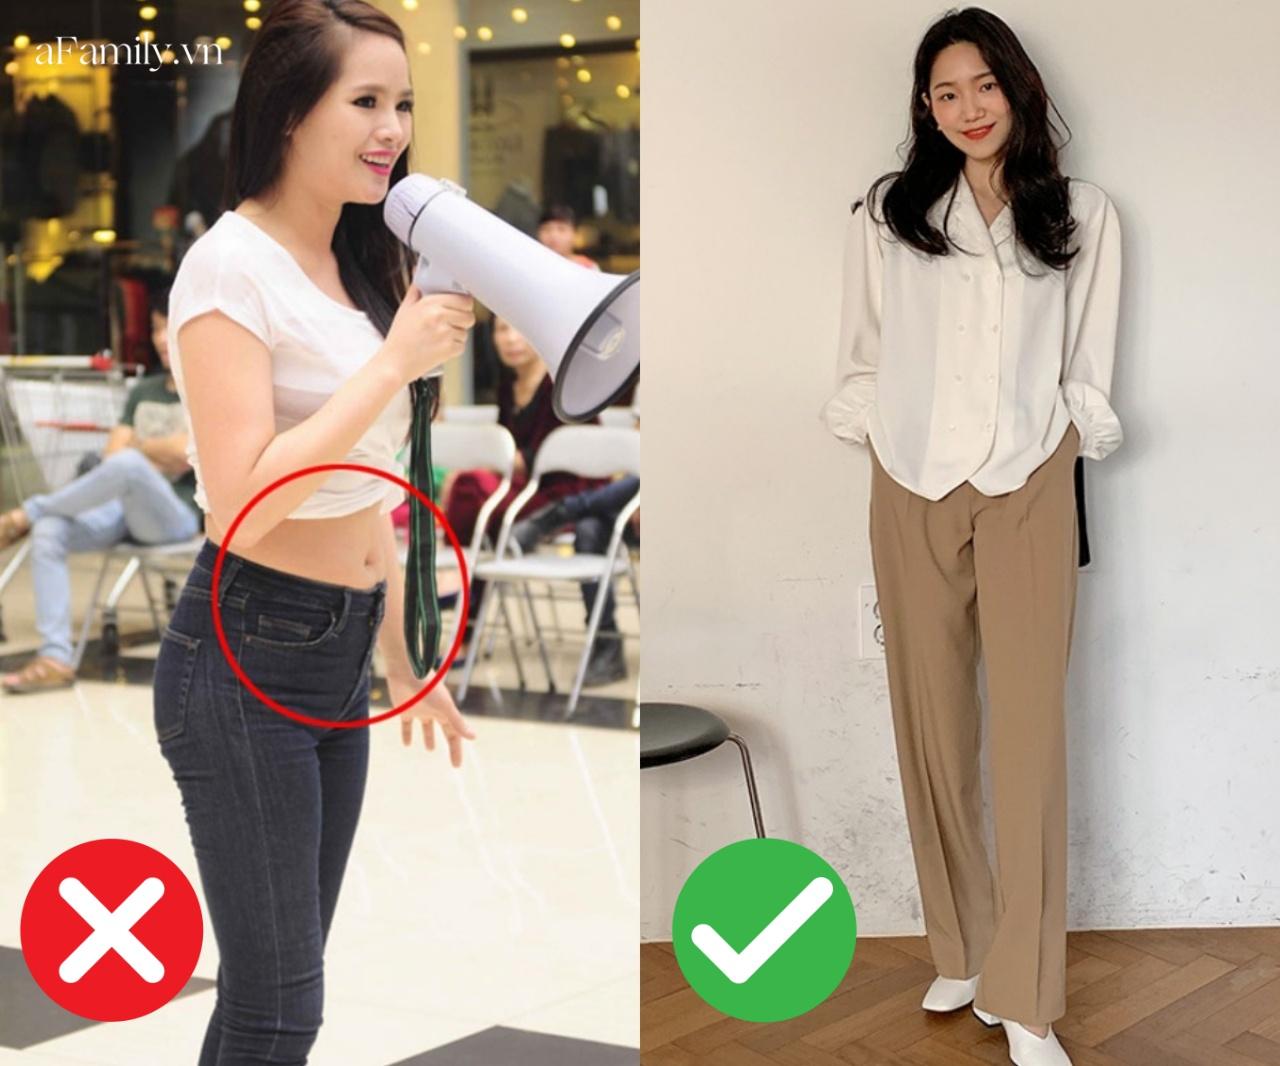 Nàng béo bụng cần tránh xa 5 item sau nếu không muốn style suốt ngày kém đẹp vì lộ nhược điểm - Hình 3